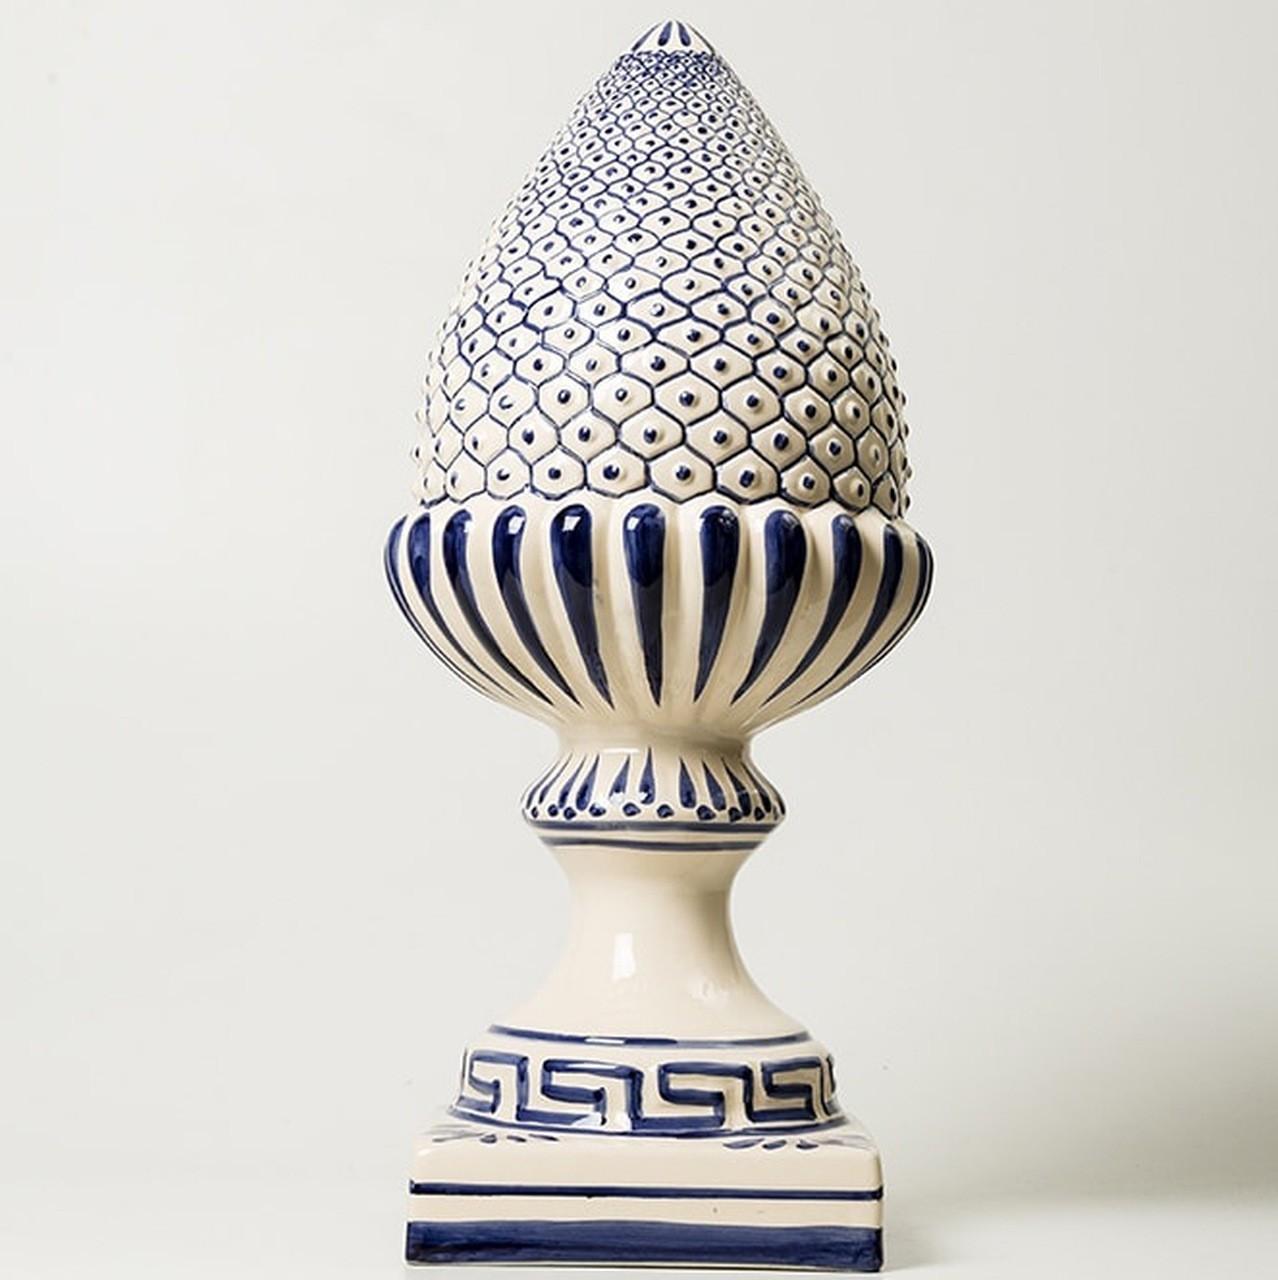 Pinha Média c/ Pintura Tradicional Portuguesa Pintado à Mão - 55 cm - LS